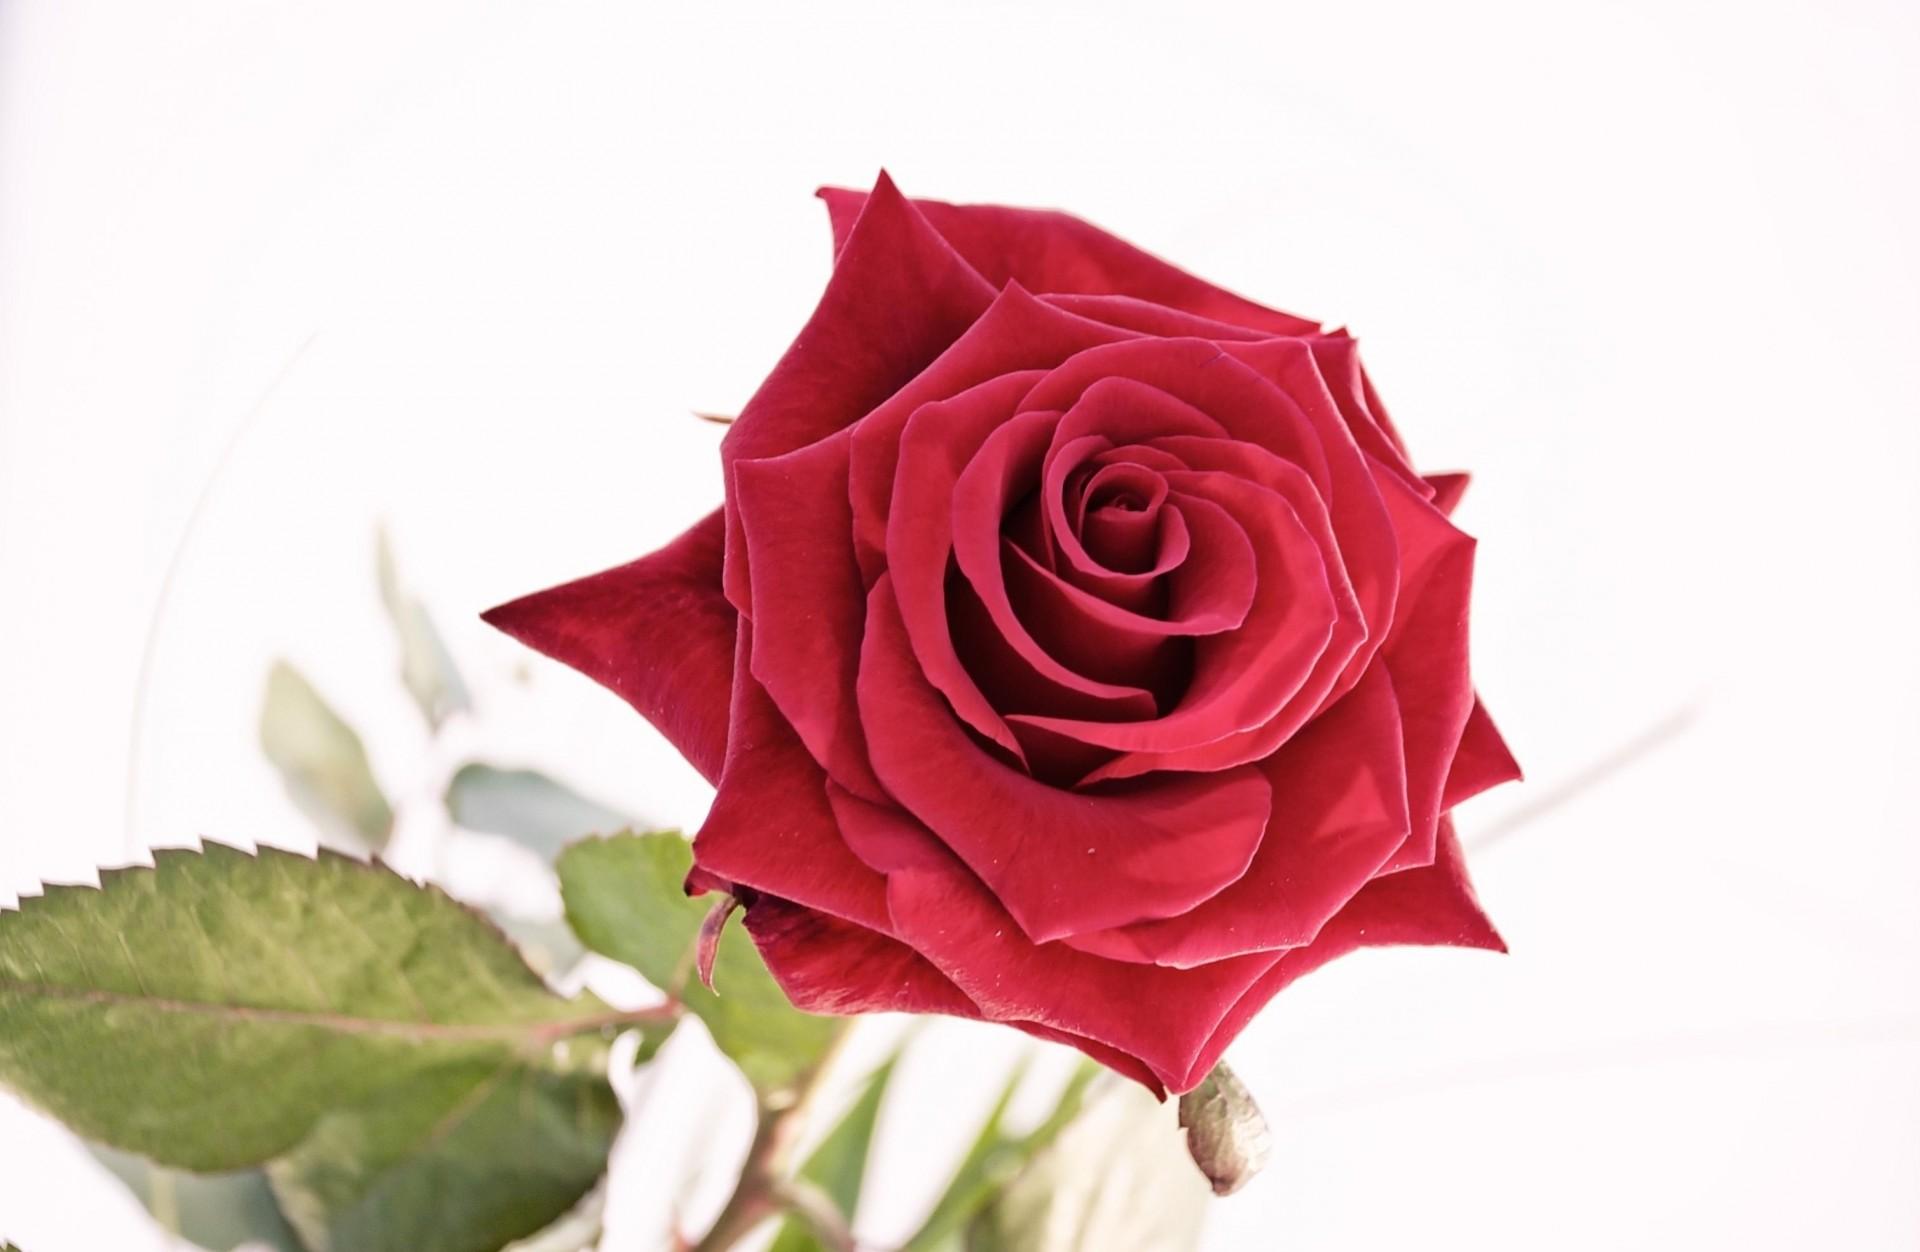 фото одной красной розы на белом фоне изготовлении